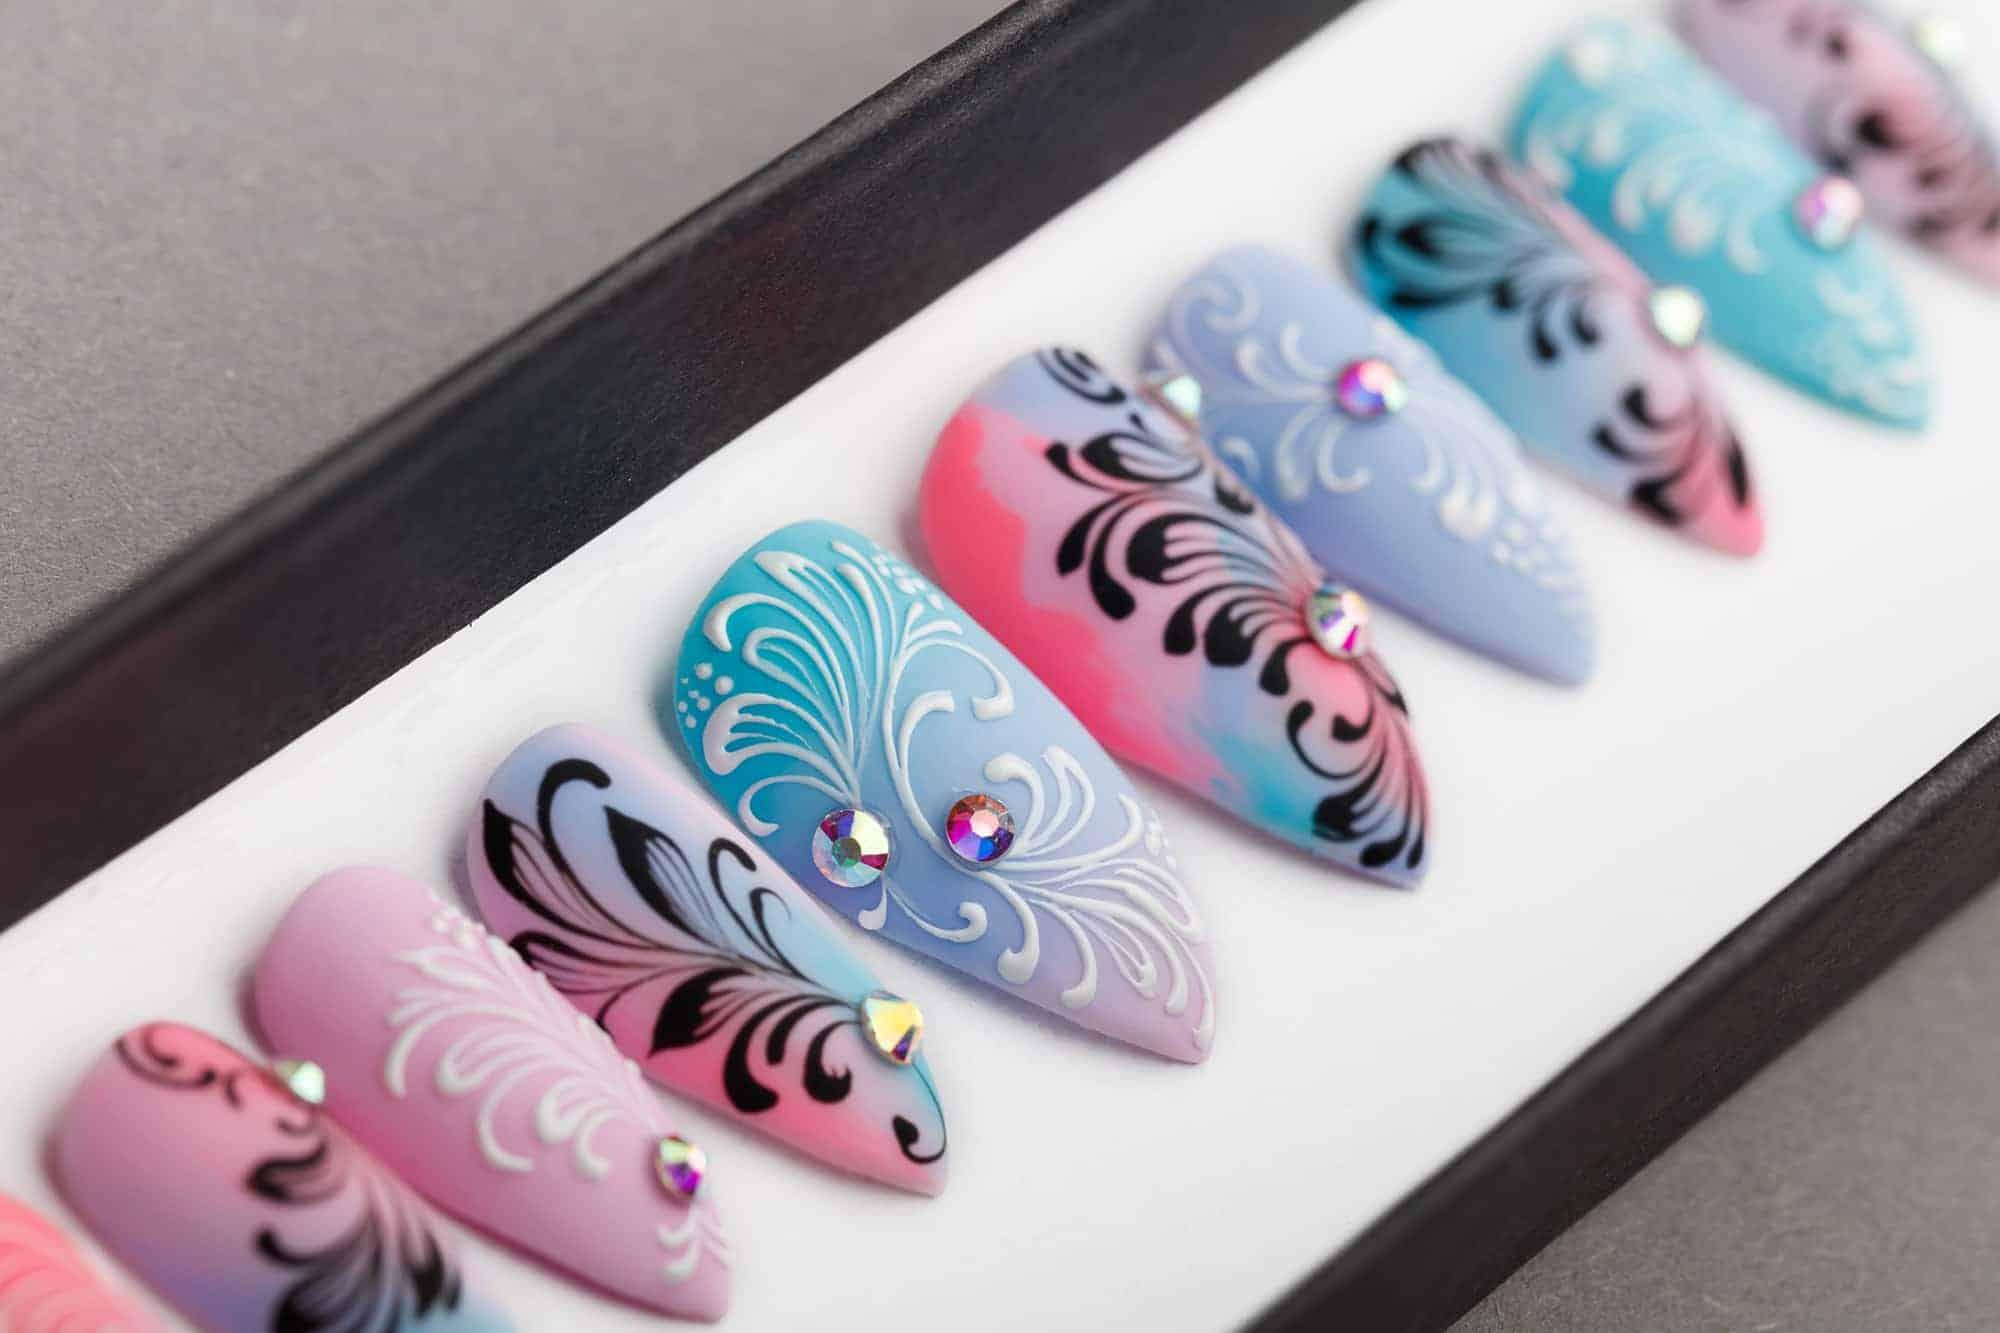 Summer Abstraction Press On Nails with Swarovski Crystals   Hand painted Nail Art   Fake Nails   False Nails   Artificial nails